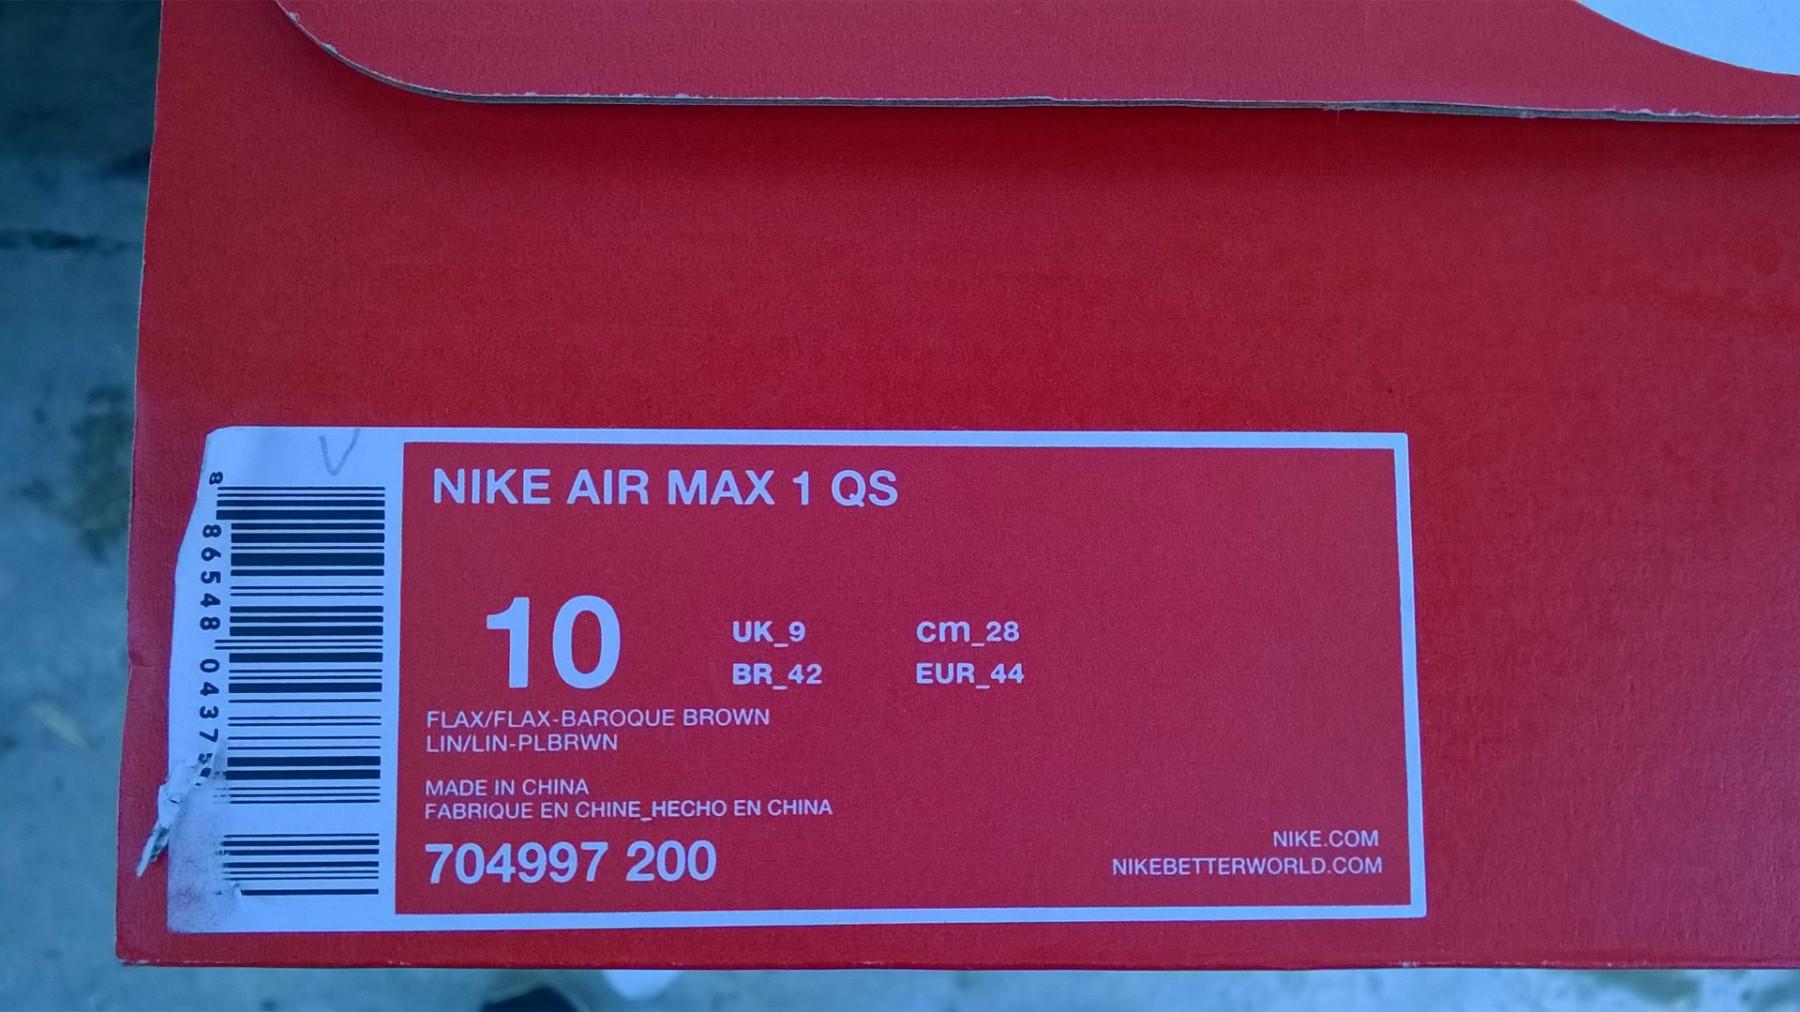 WP_20191128_039-nike-air-max-1-flax-qs-2015-10-us-21-Large